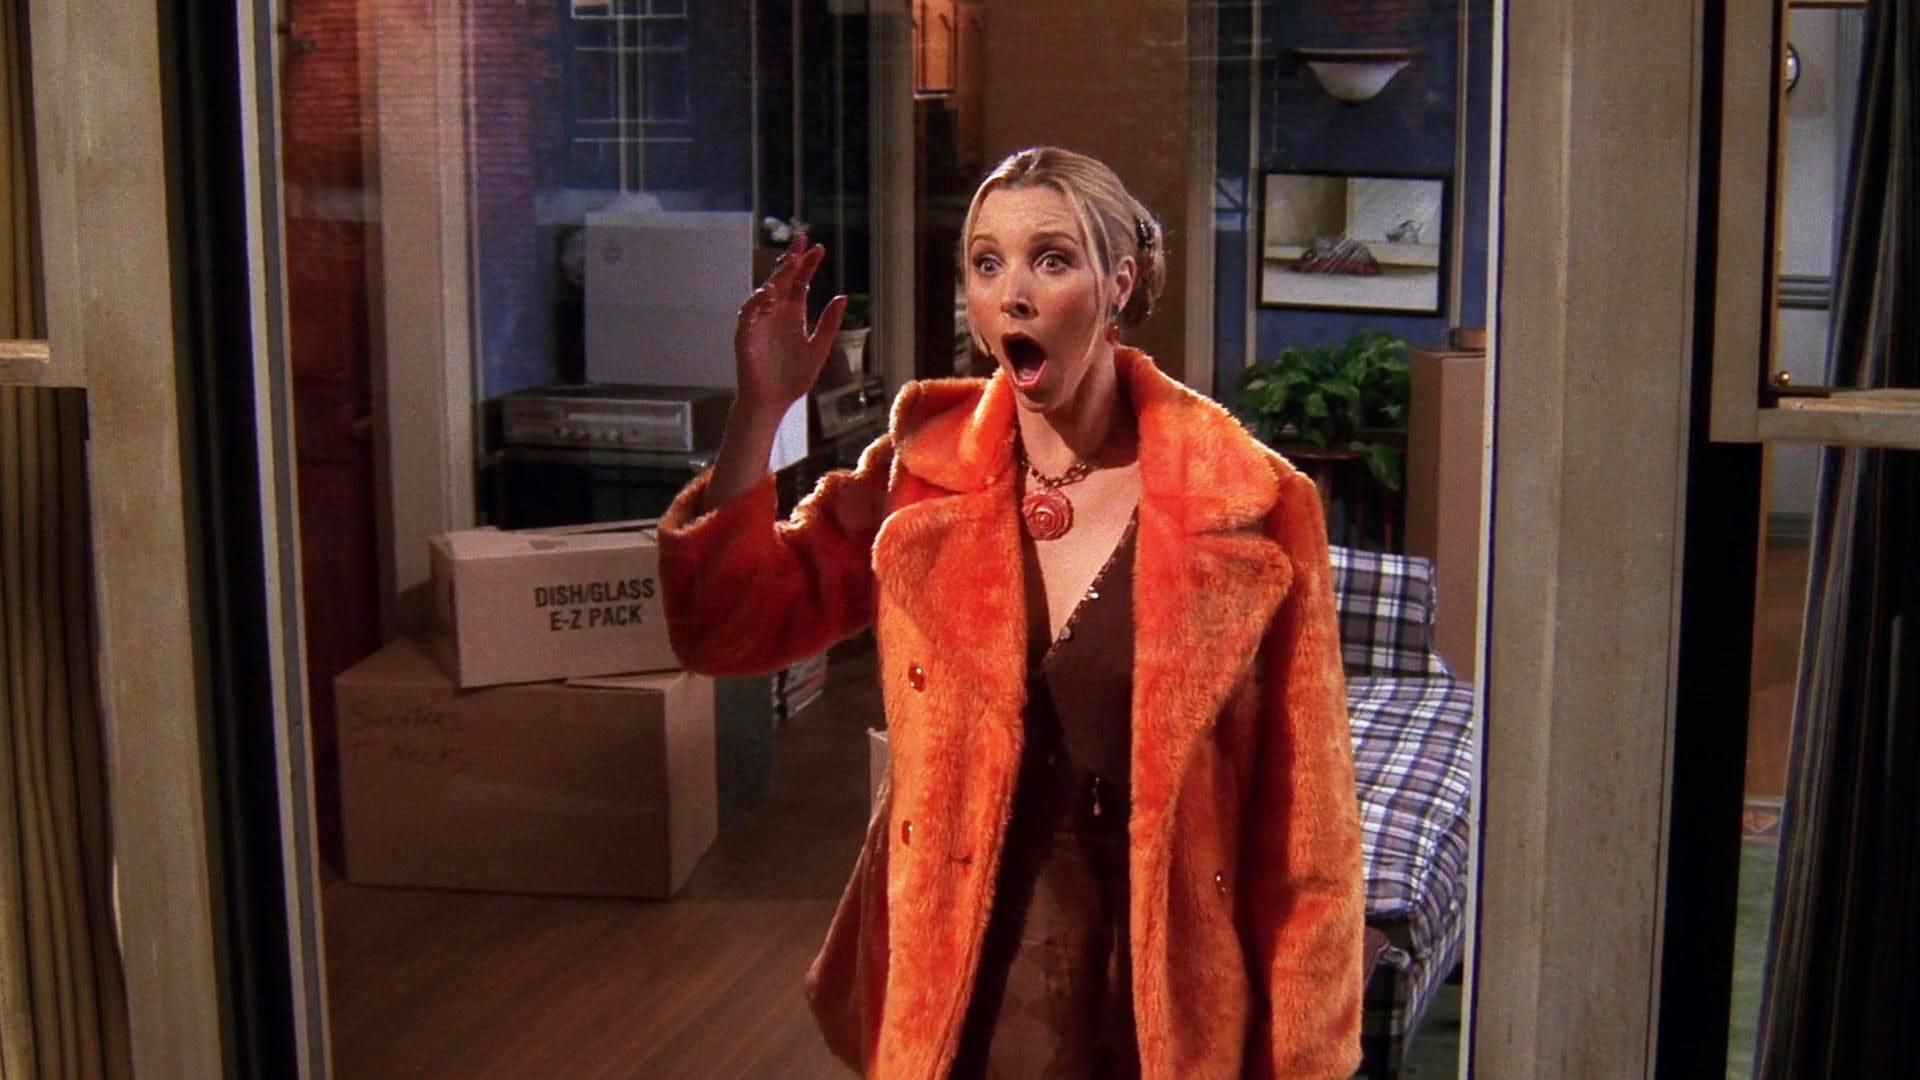 Descubra qual é o episódio mais engraçado de Friends - 6